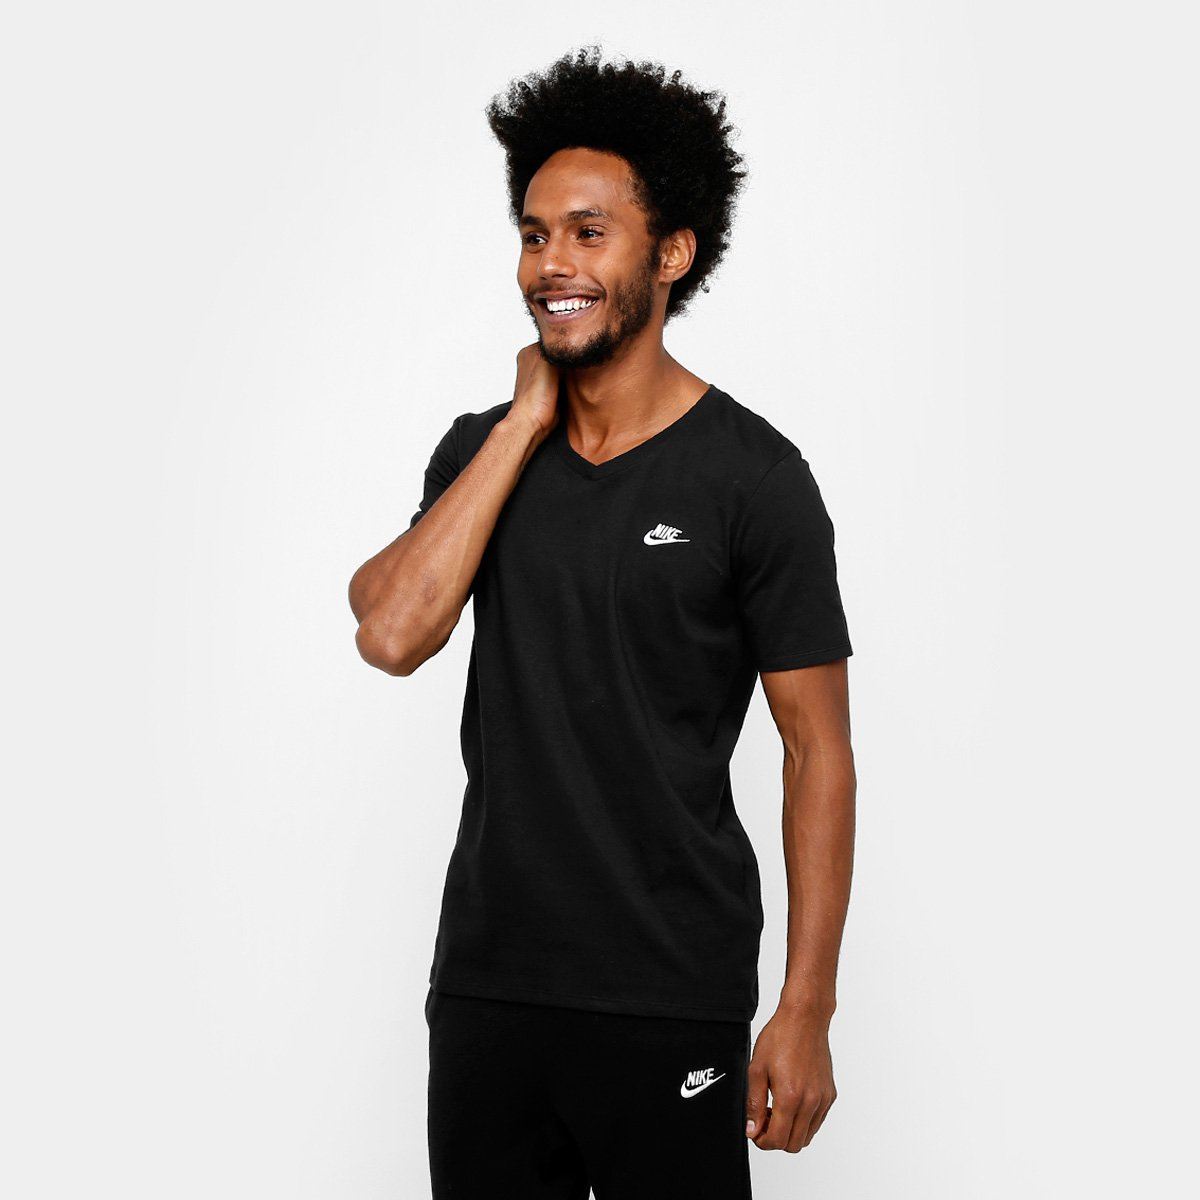 e6e407d0d2678 Camiseta Nike Nsw Vnk Club Embrd Ftra Masculina - Preto - Compre Agora